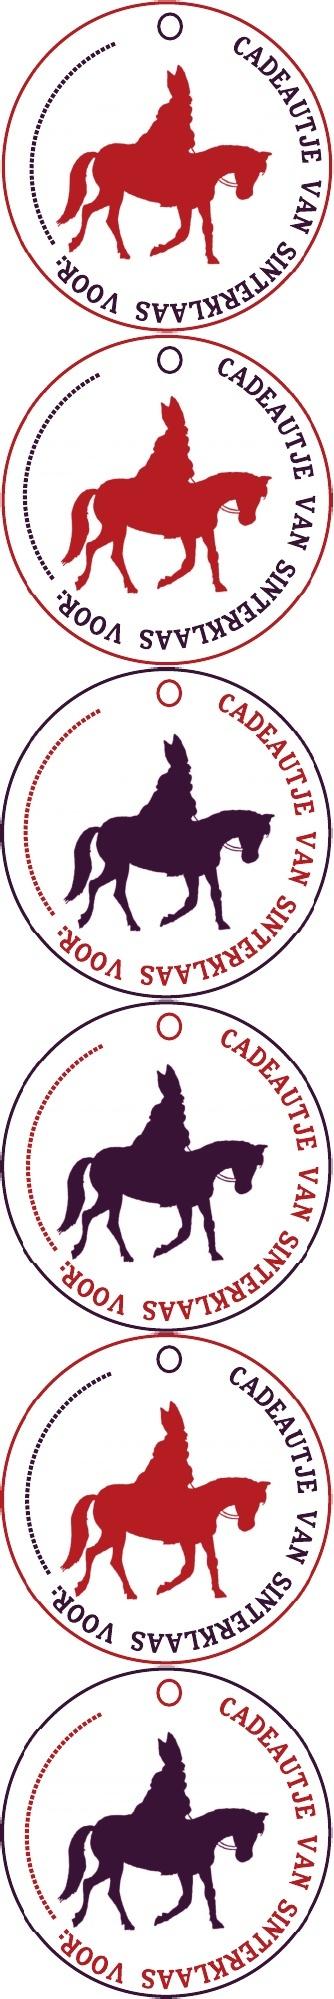 Sinterklaas labels.....in red or purple